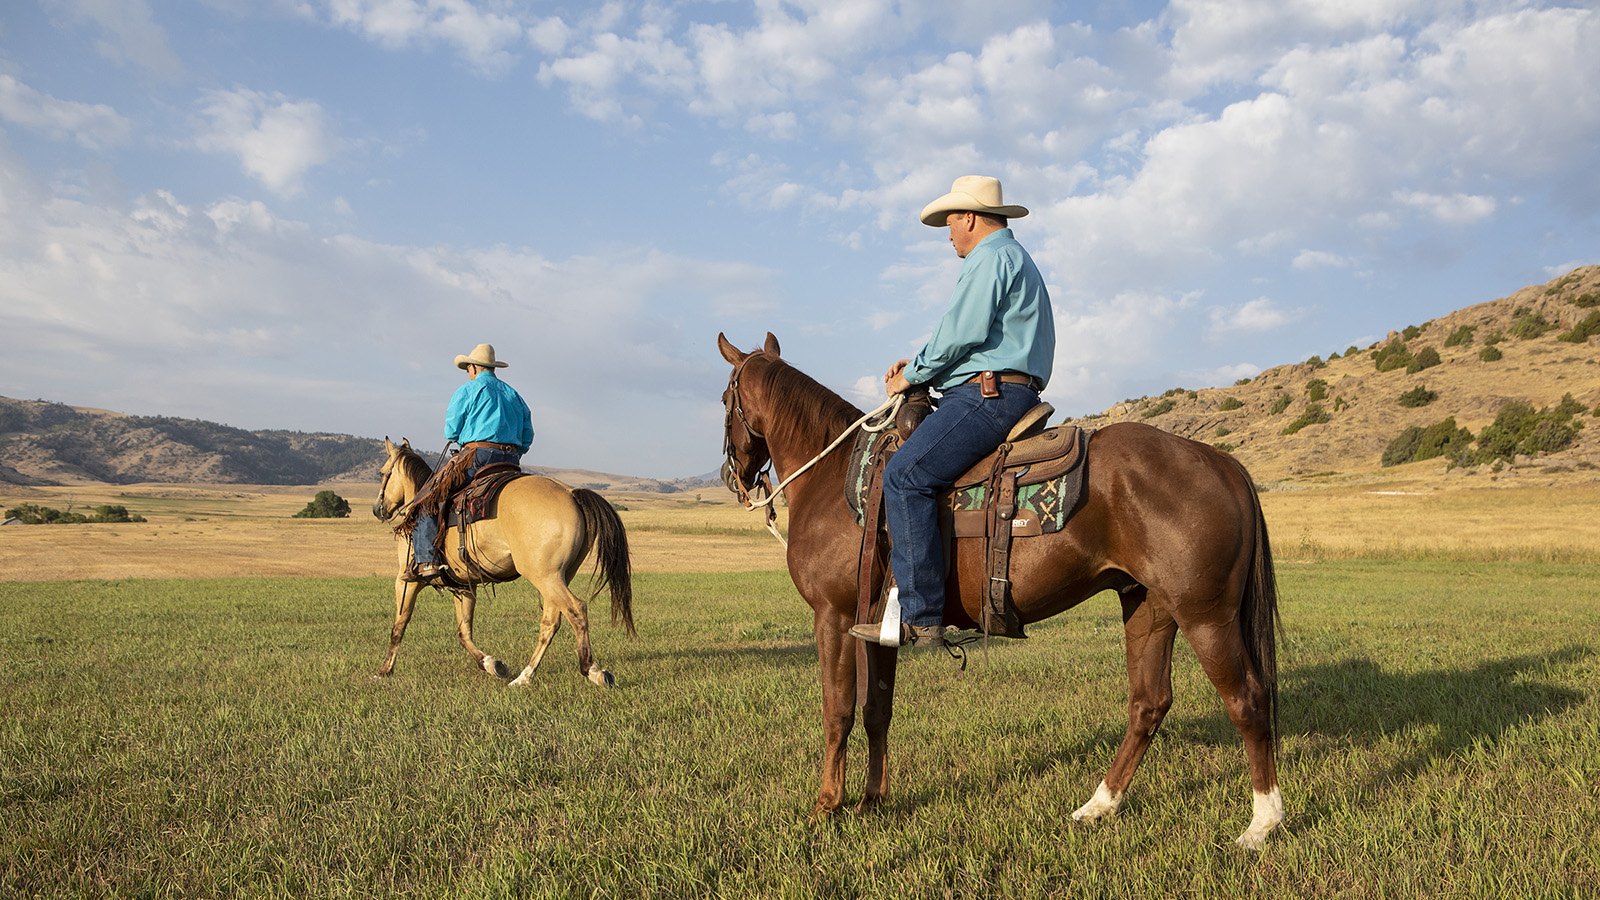 Ken McNabb redirects herd bound horse